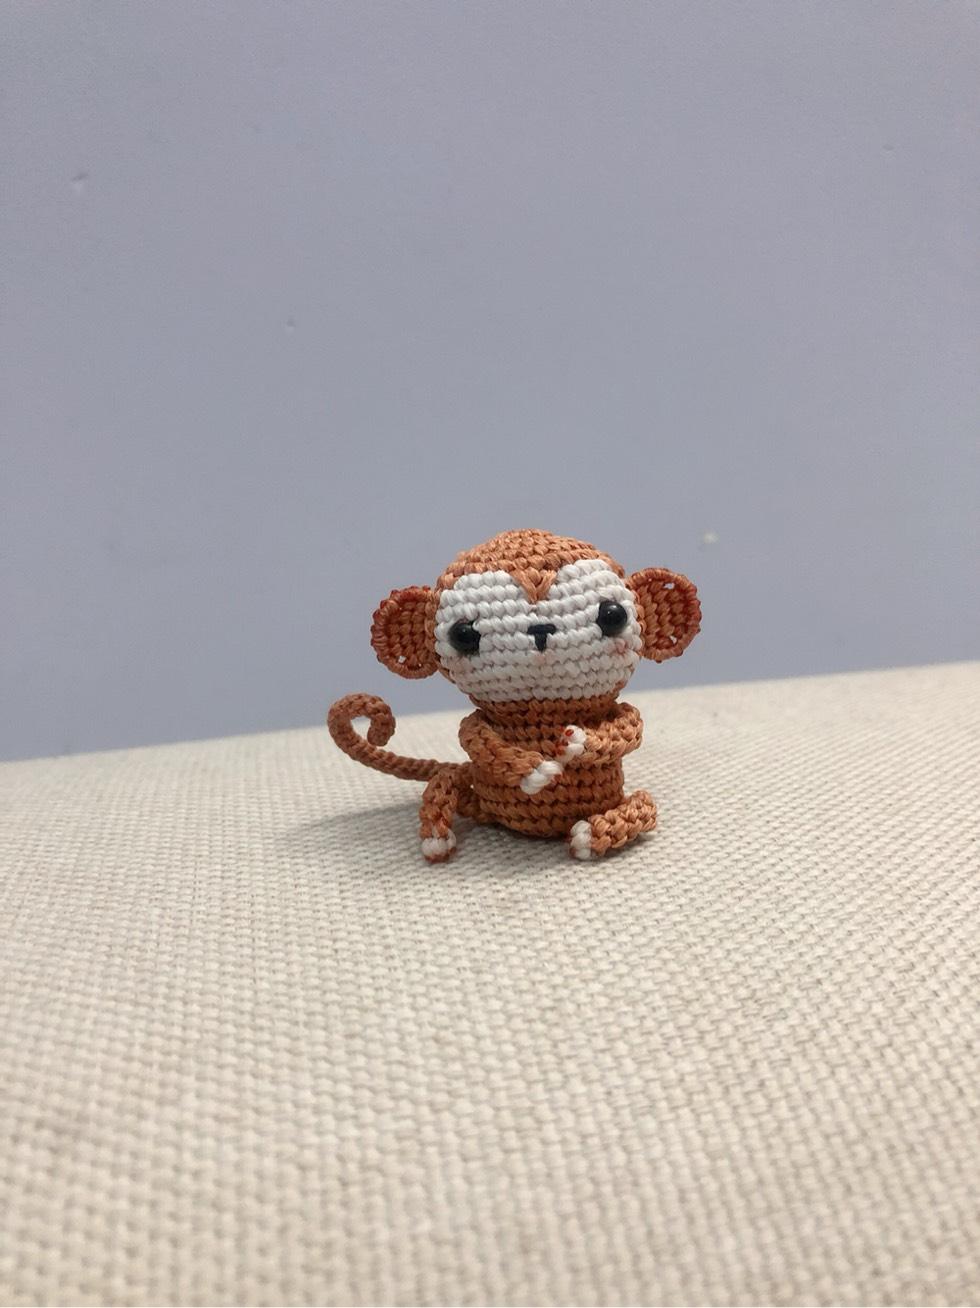 中国结论坛 十二生肖-猴几 十二生肖猴的来历简短,十二生肖猴的寓意 作品展示 180502smoqnx5o8tpq5uvz